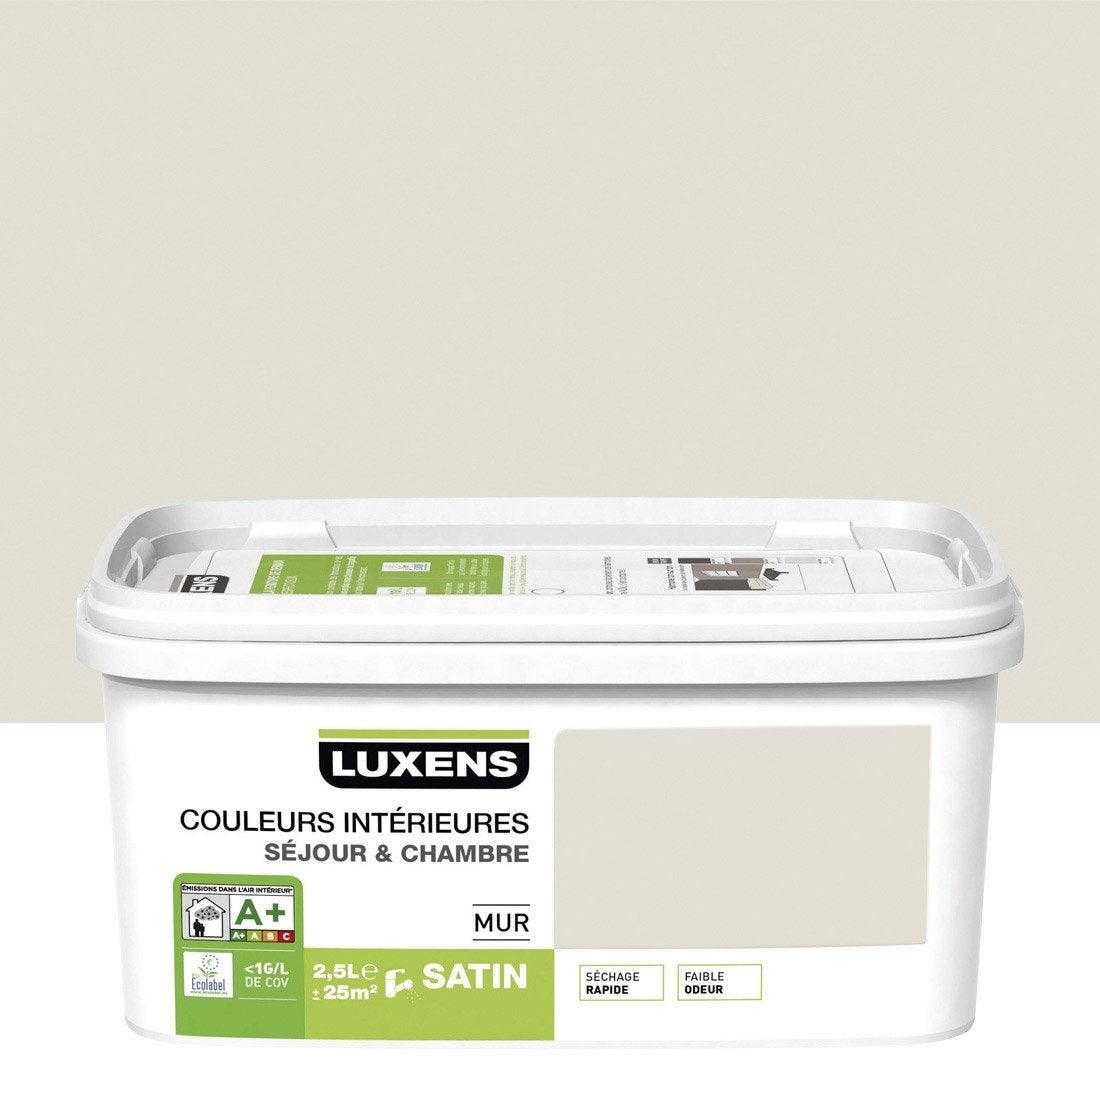 Peinture blanc lin 2 luxens couleurs int rieures 2 5 l leroy merlin - Mur couleur lin et gris ...